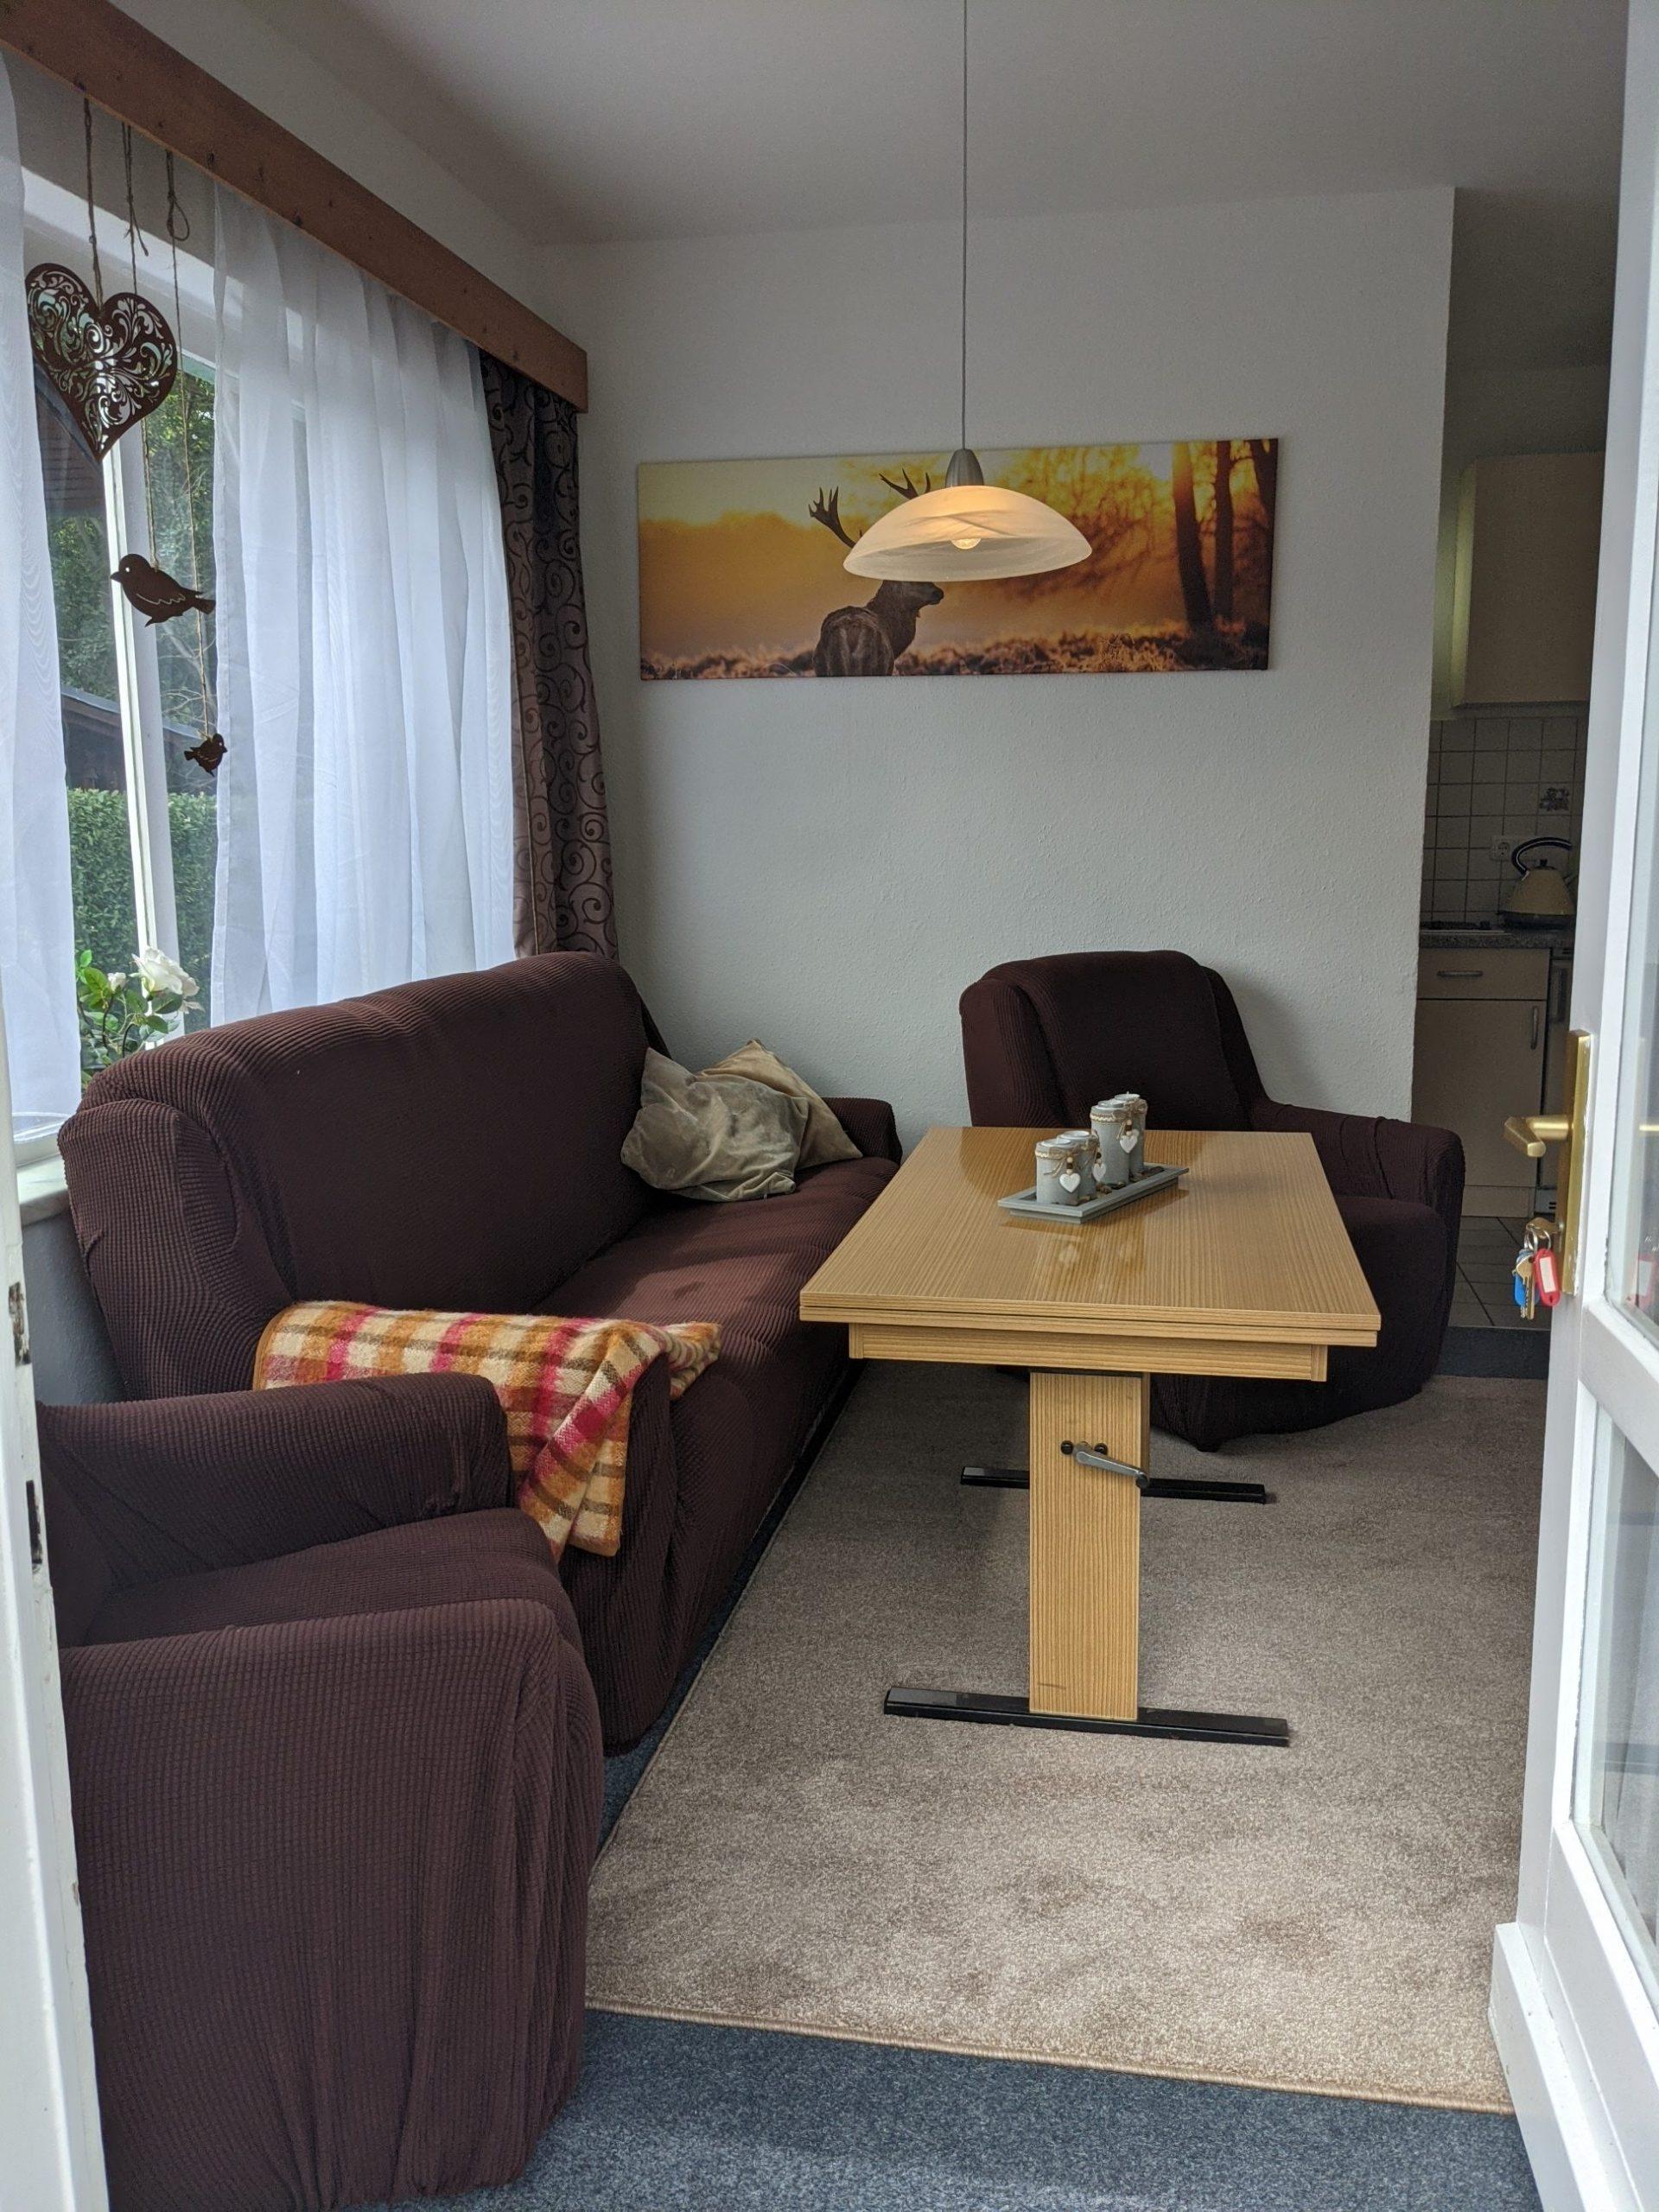 Wohlfühlbereich Sitzecke Couch